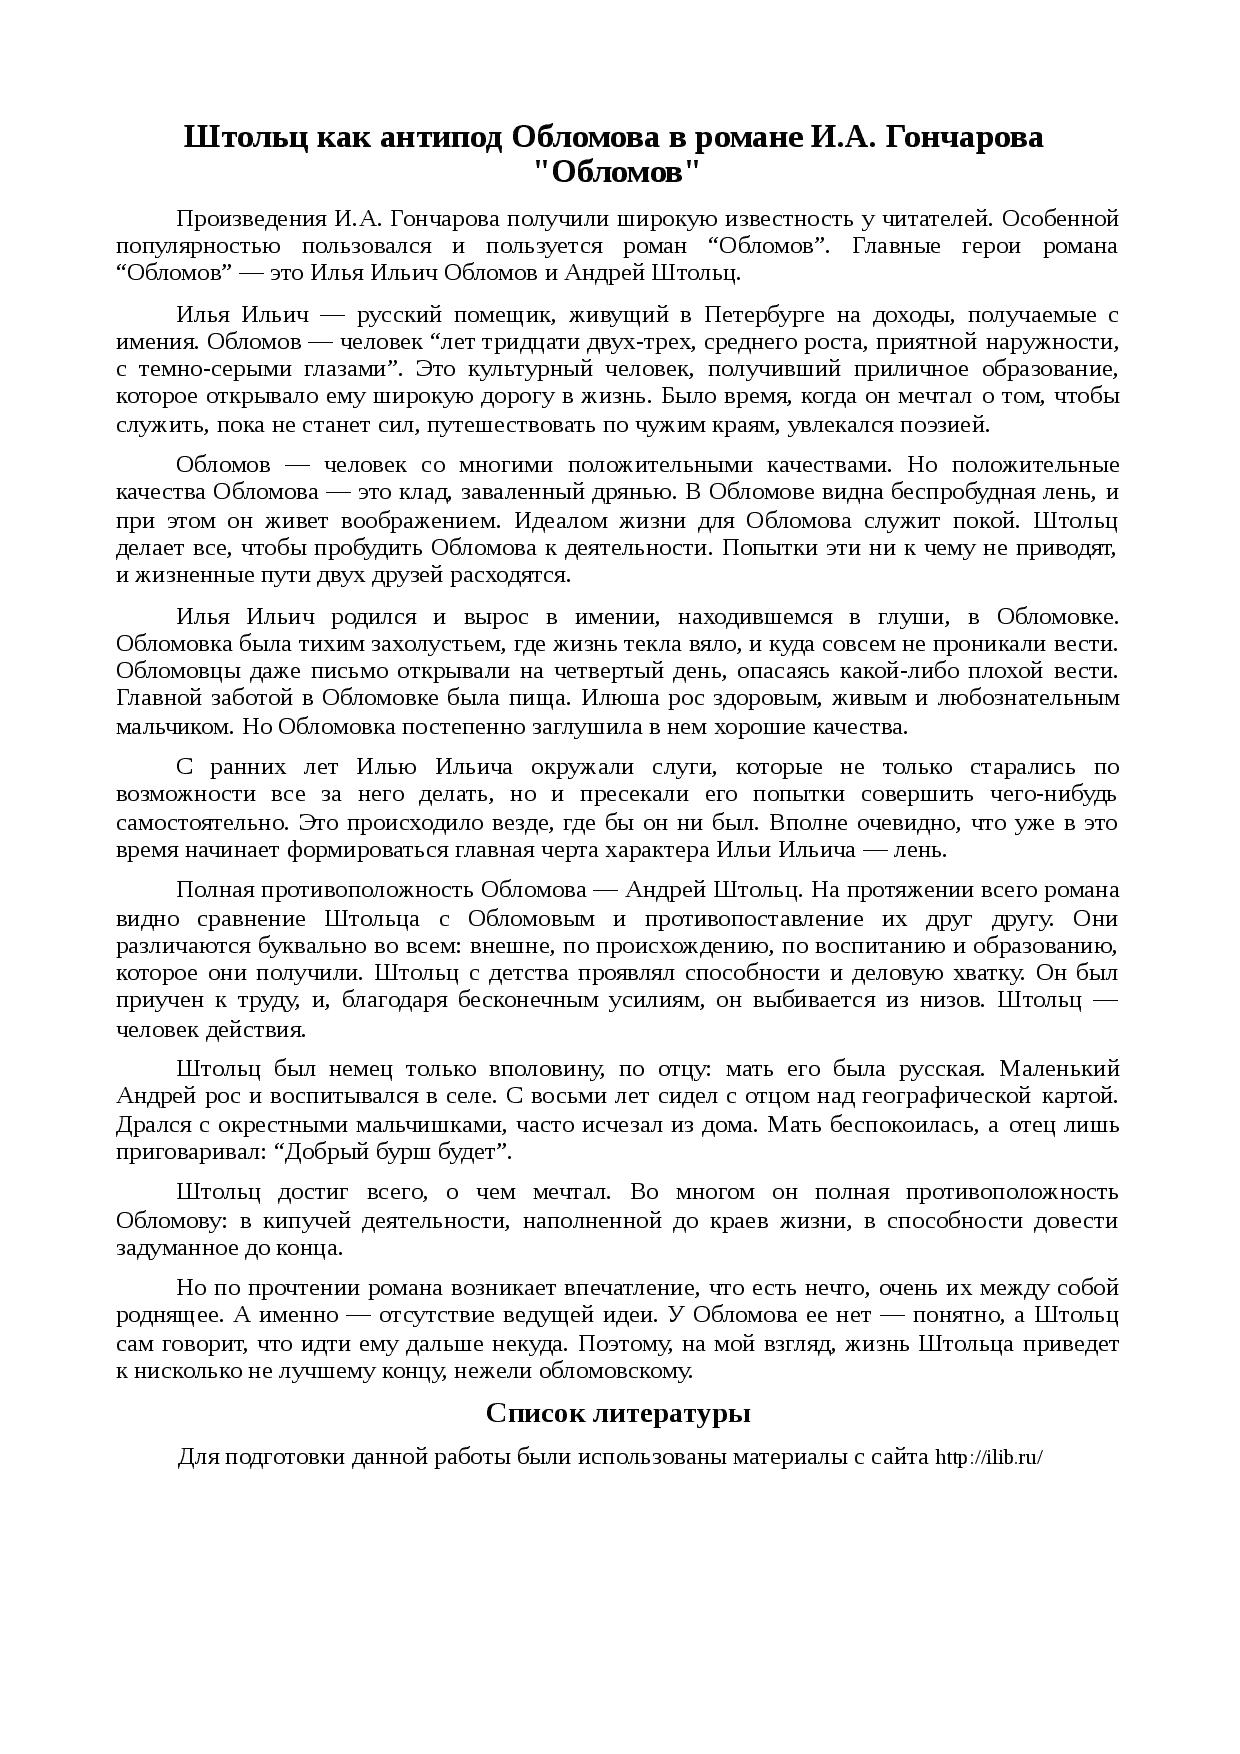 «обломов» анализ произведения гончарова – рассуждения для сочинения на тему